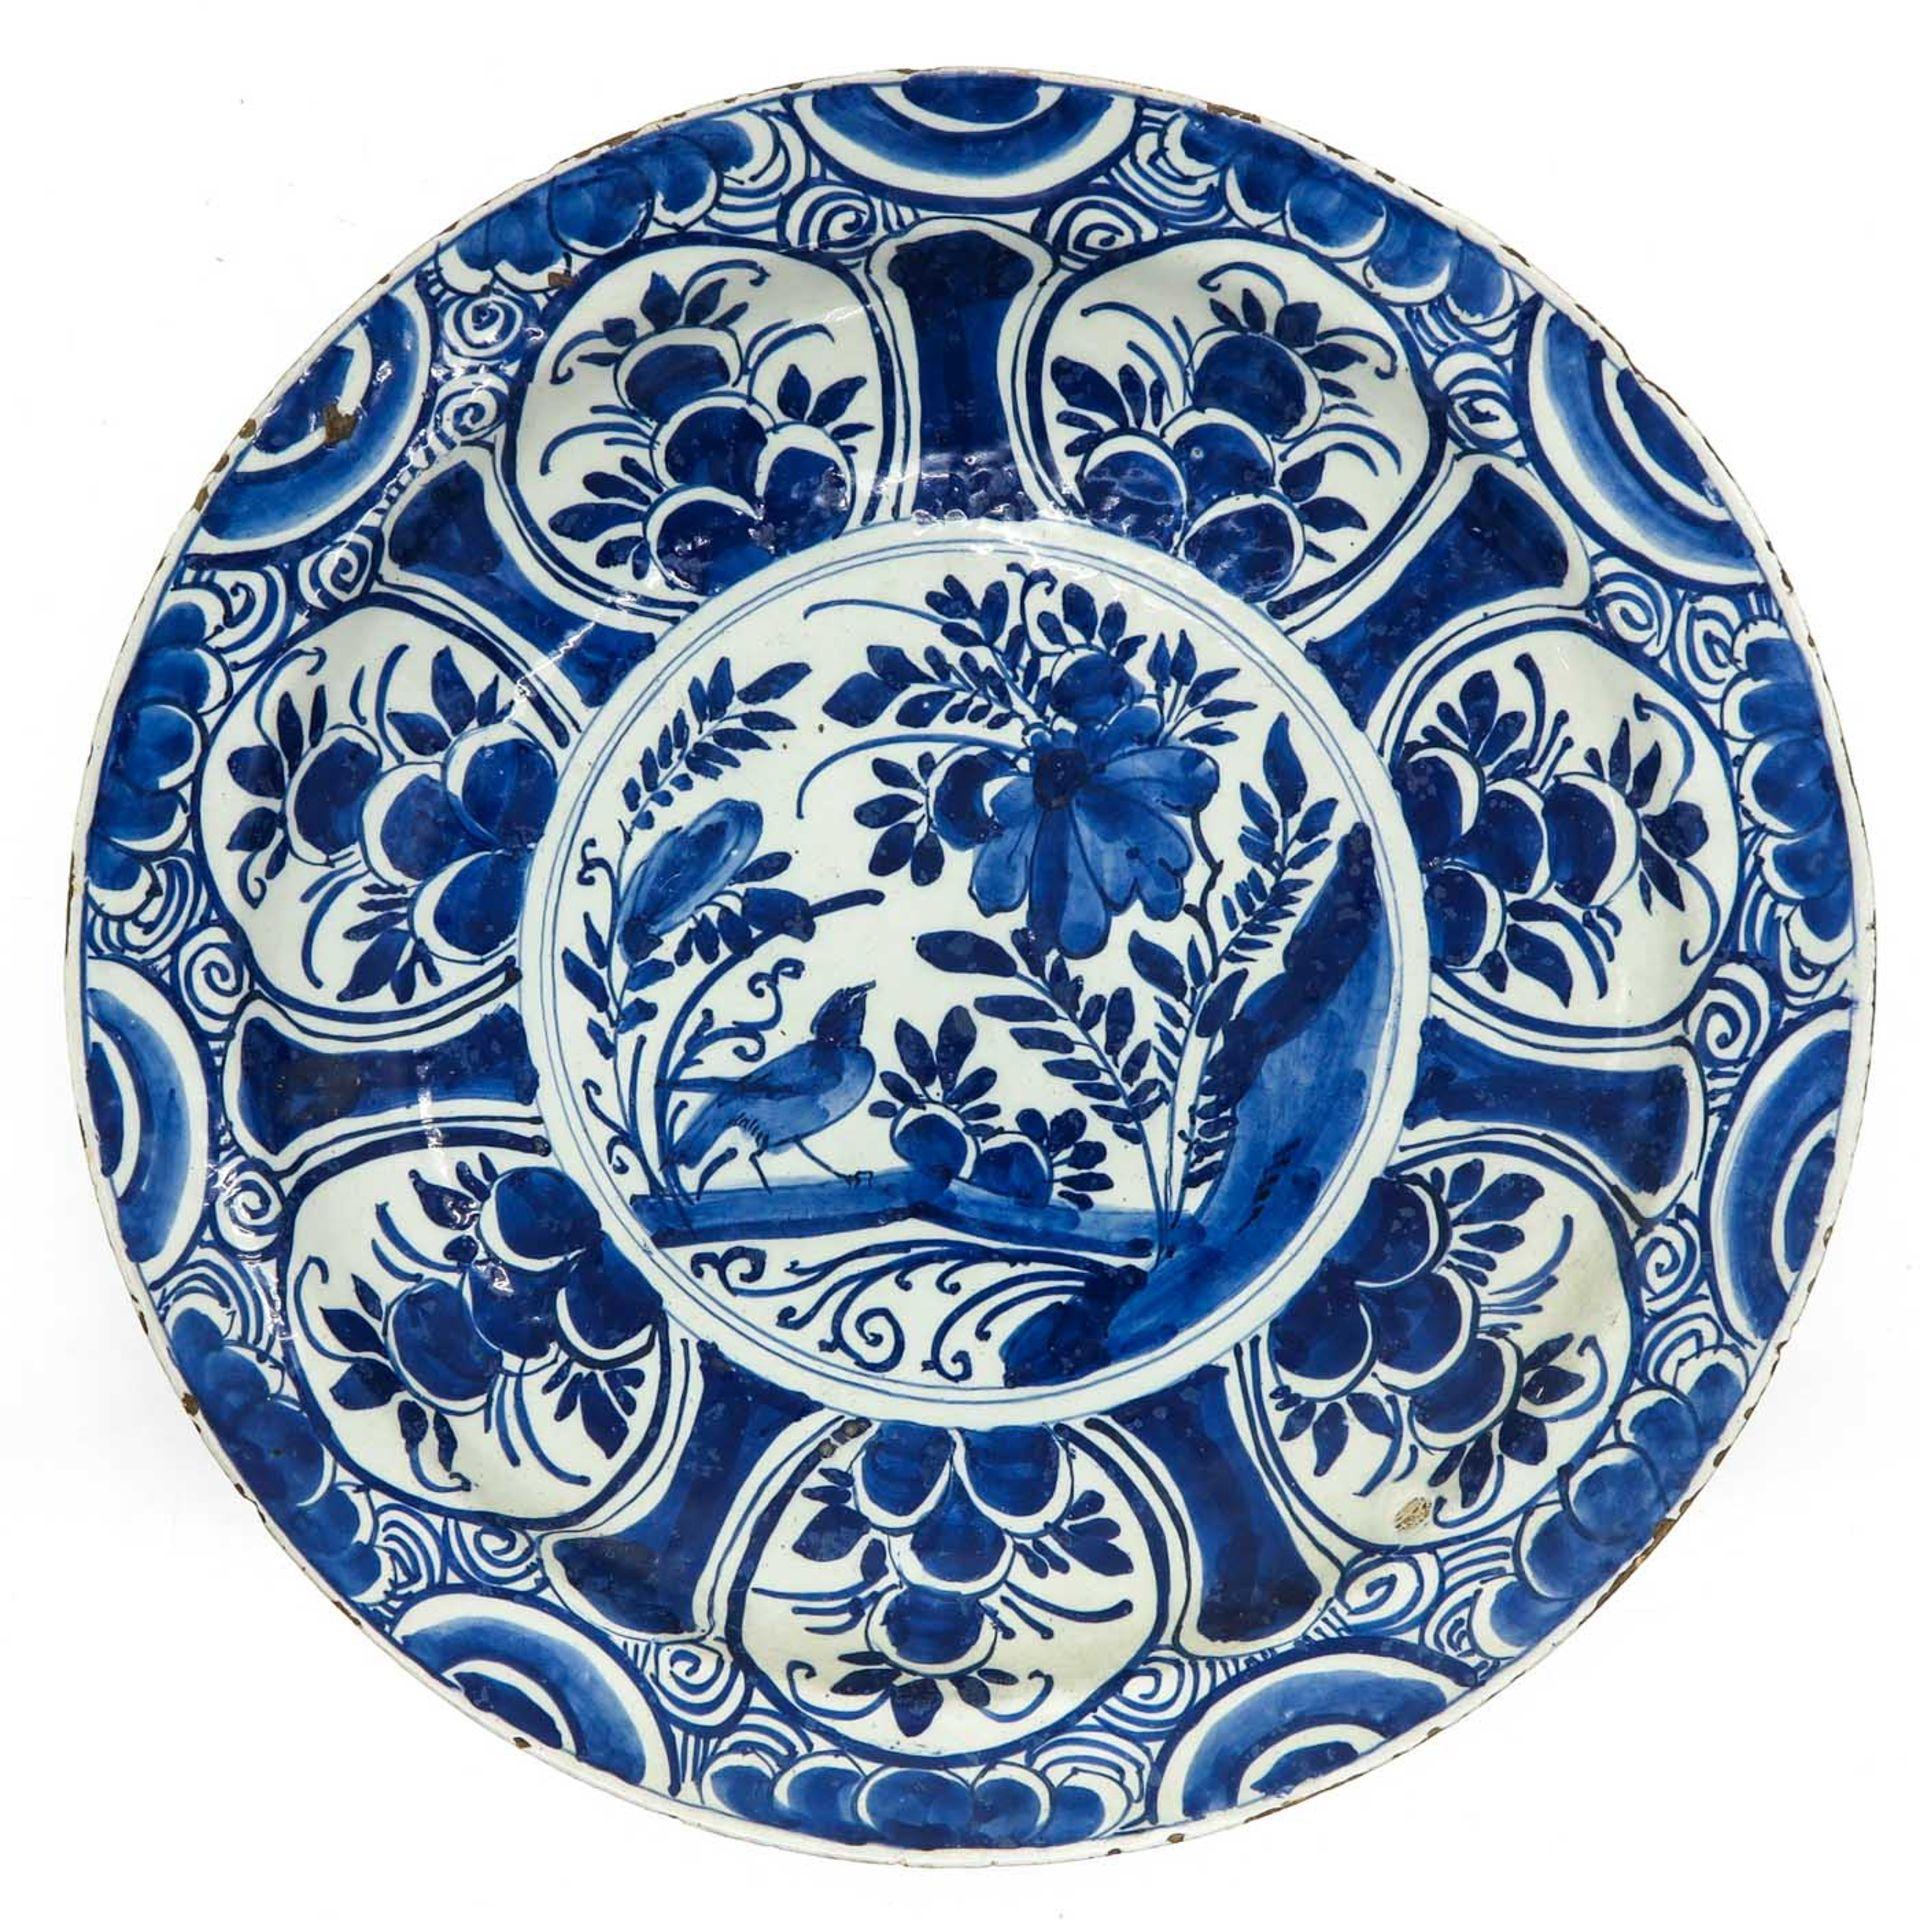 Los 1063 - A 17th Century Delft Plate